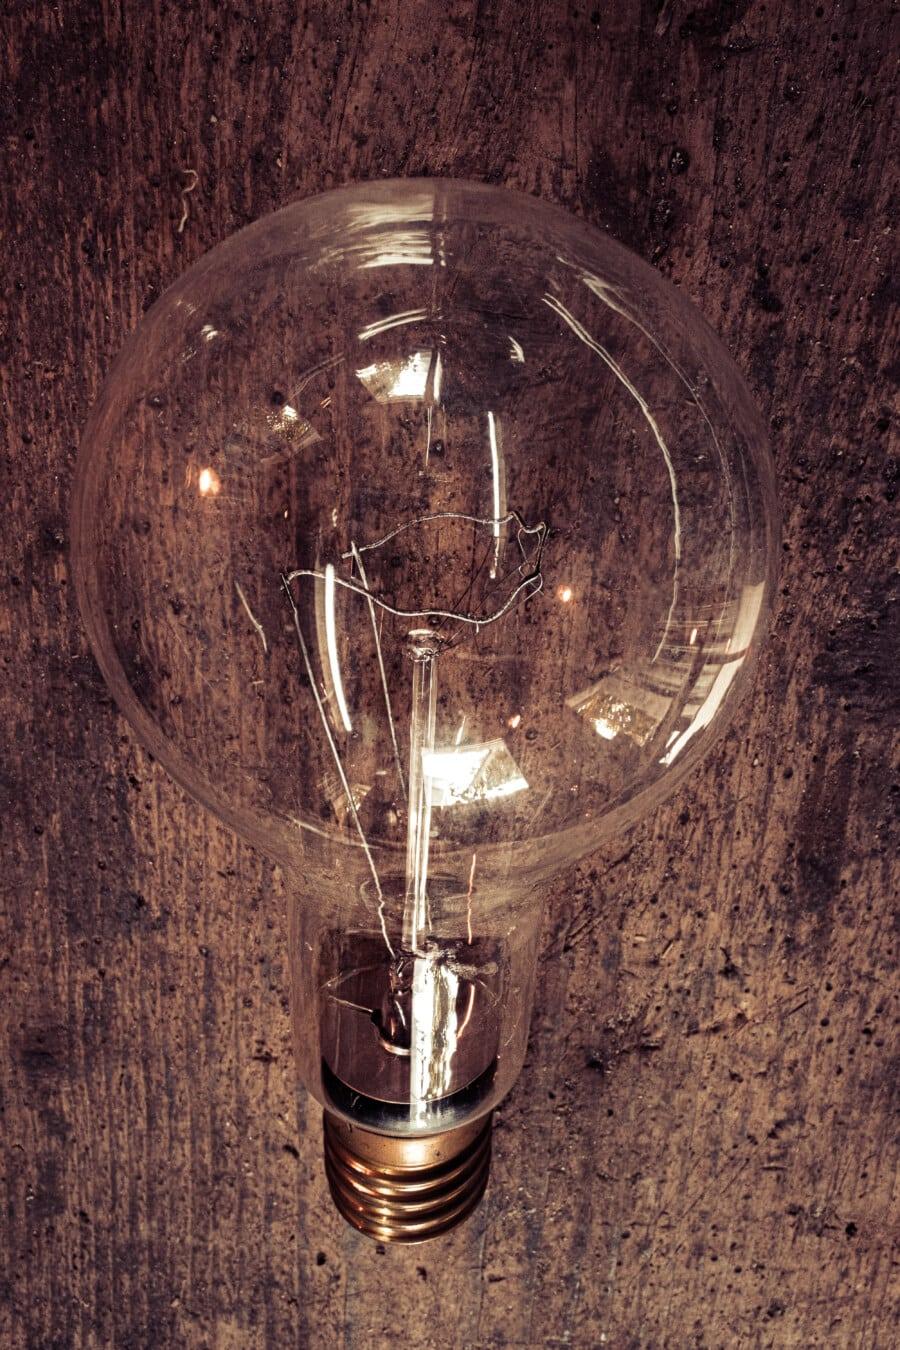 ampoule, gros, fil, filament, fluorescent, électricité, lampe, verre, ampoule, retro